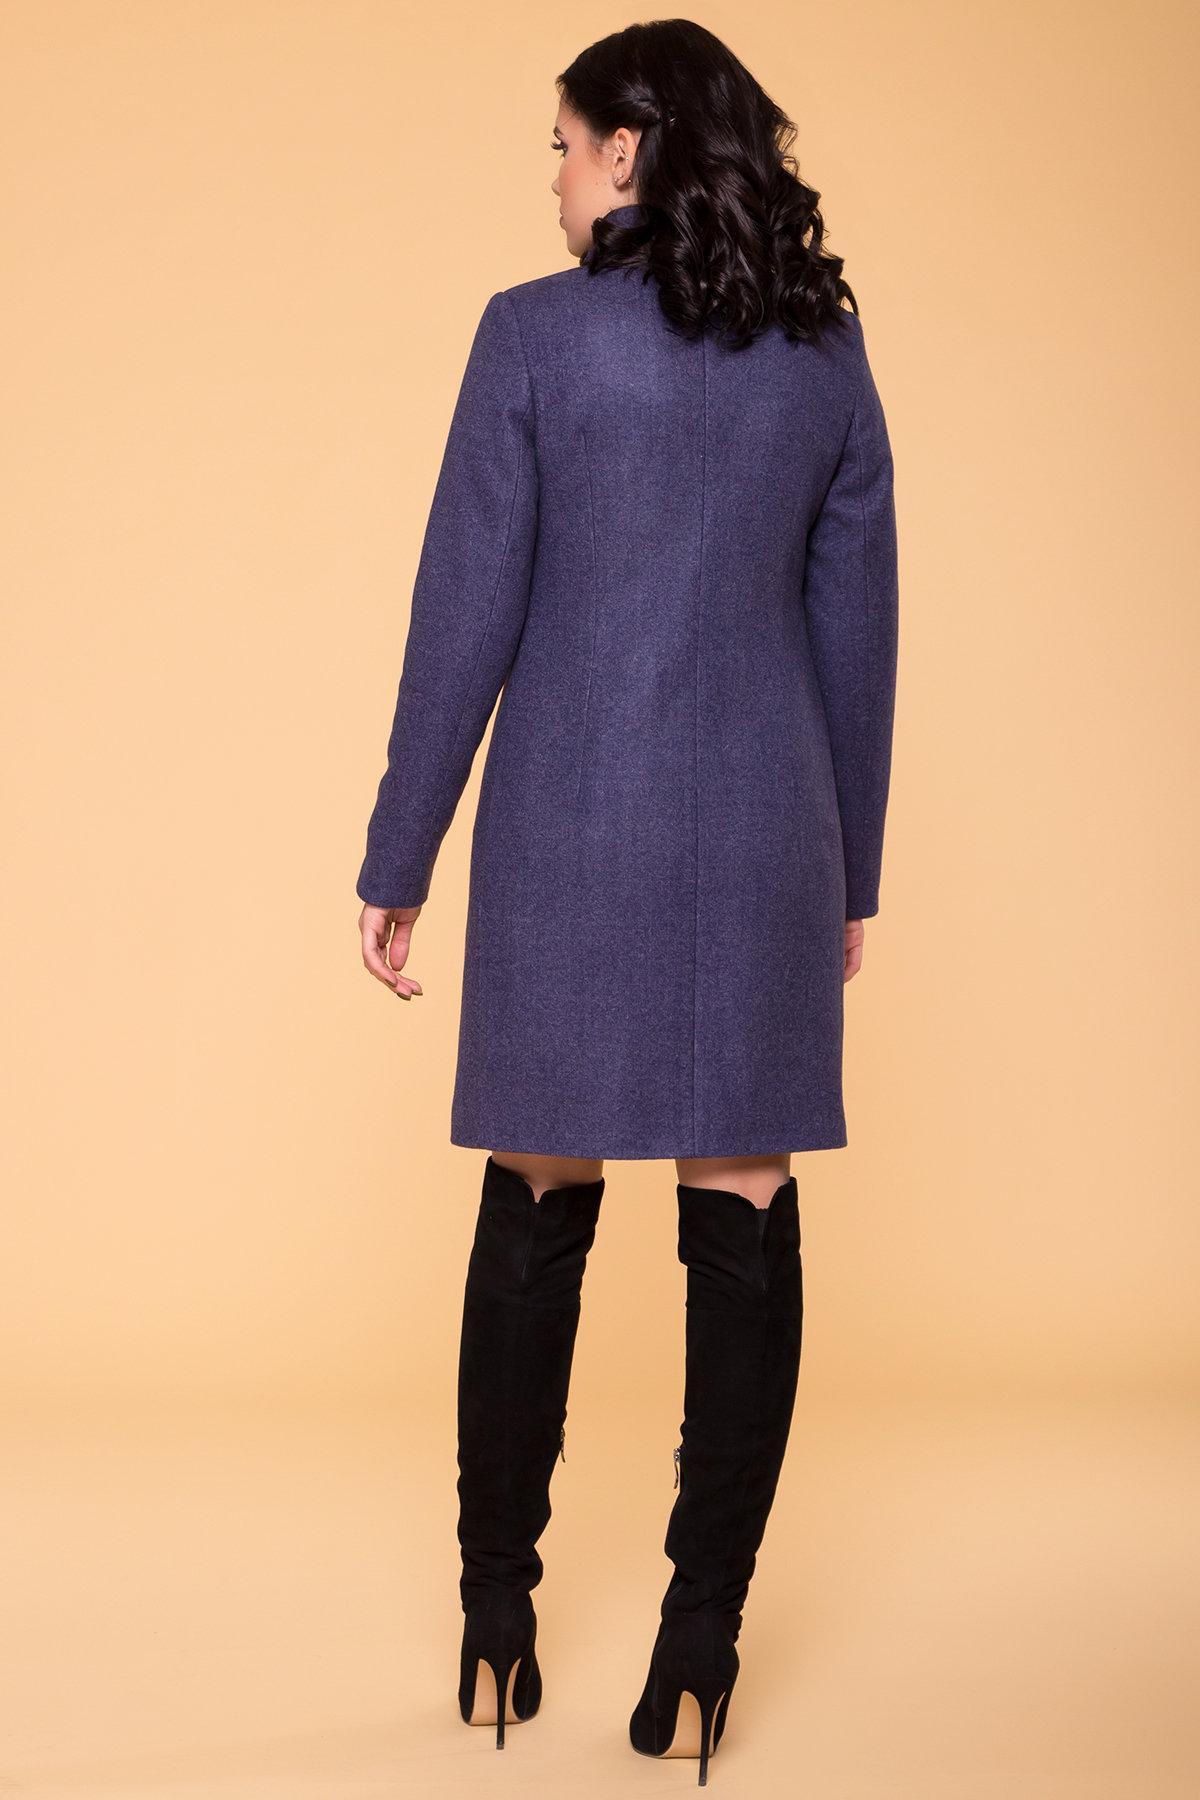 Пальто зима (шарф-хомут в комплекте) Люцея 5884 АРТ. 39421 Цвет: Джинс 57 - фото 2, интернет магазин tm-modus.ru